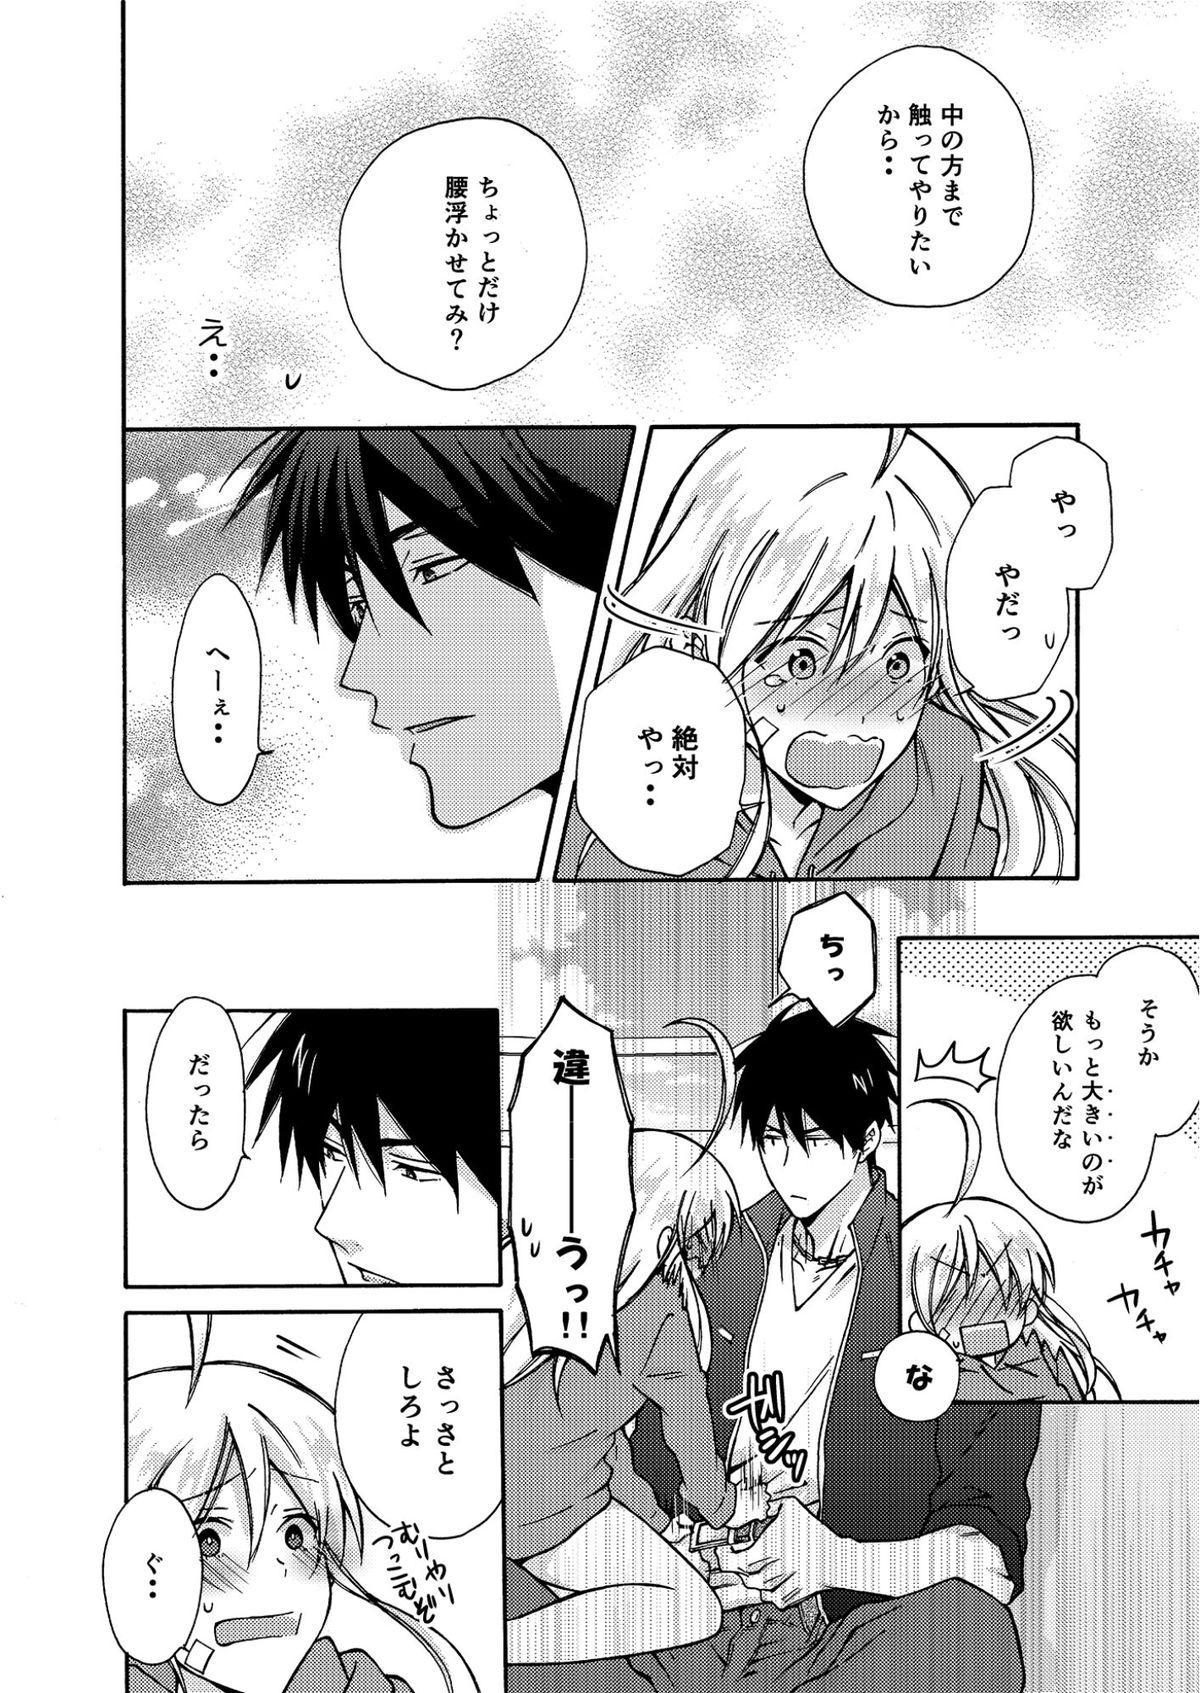 Nyotaika Yankee Gakuen ☆ Ore no Hajimete, Nerawaretemasu. 4 28